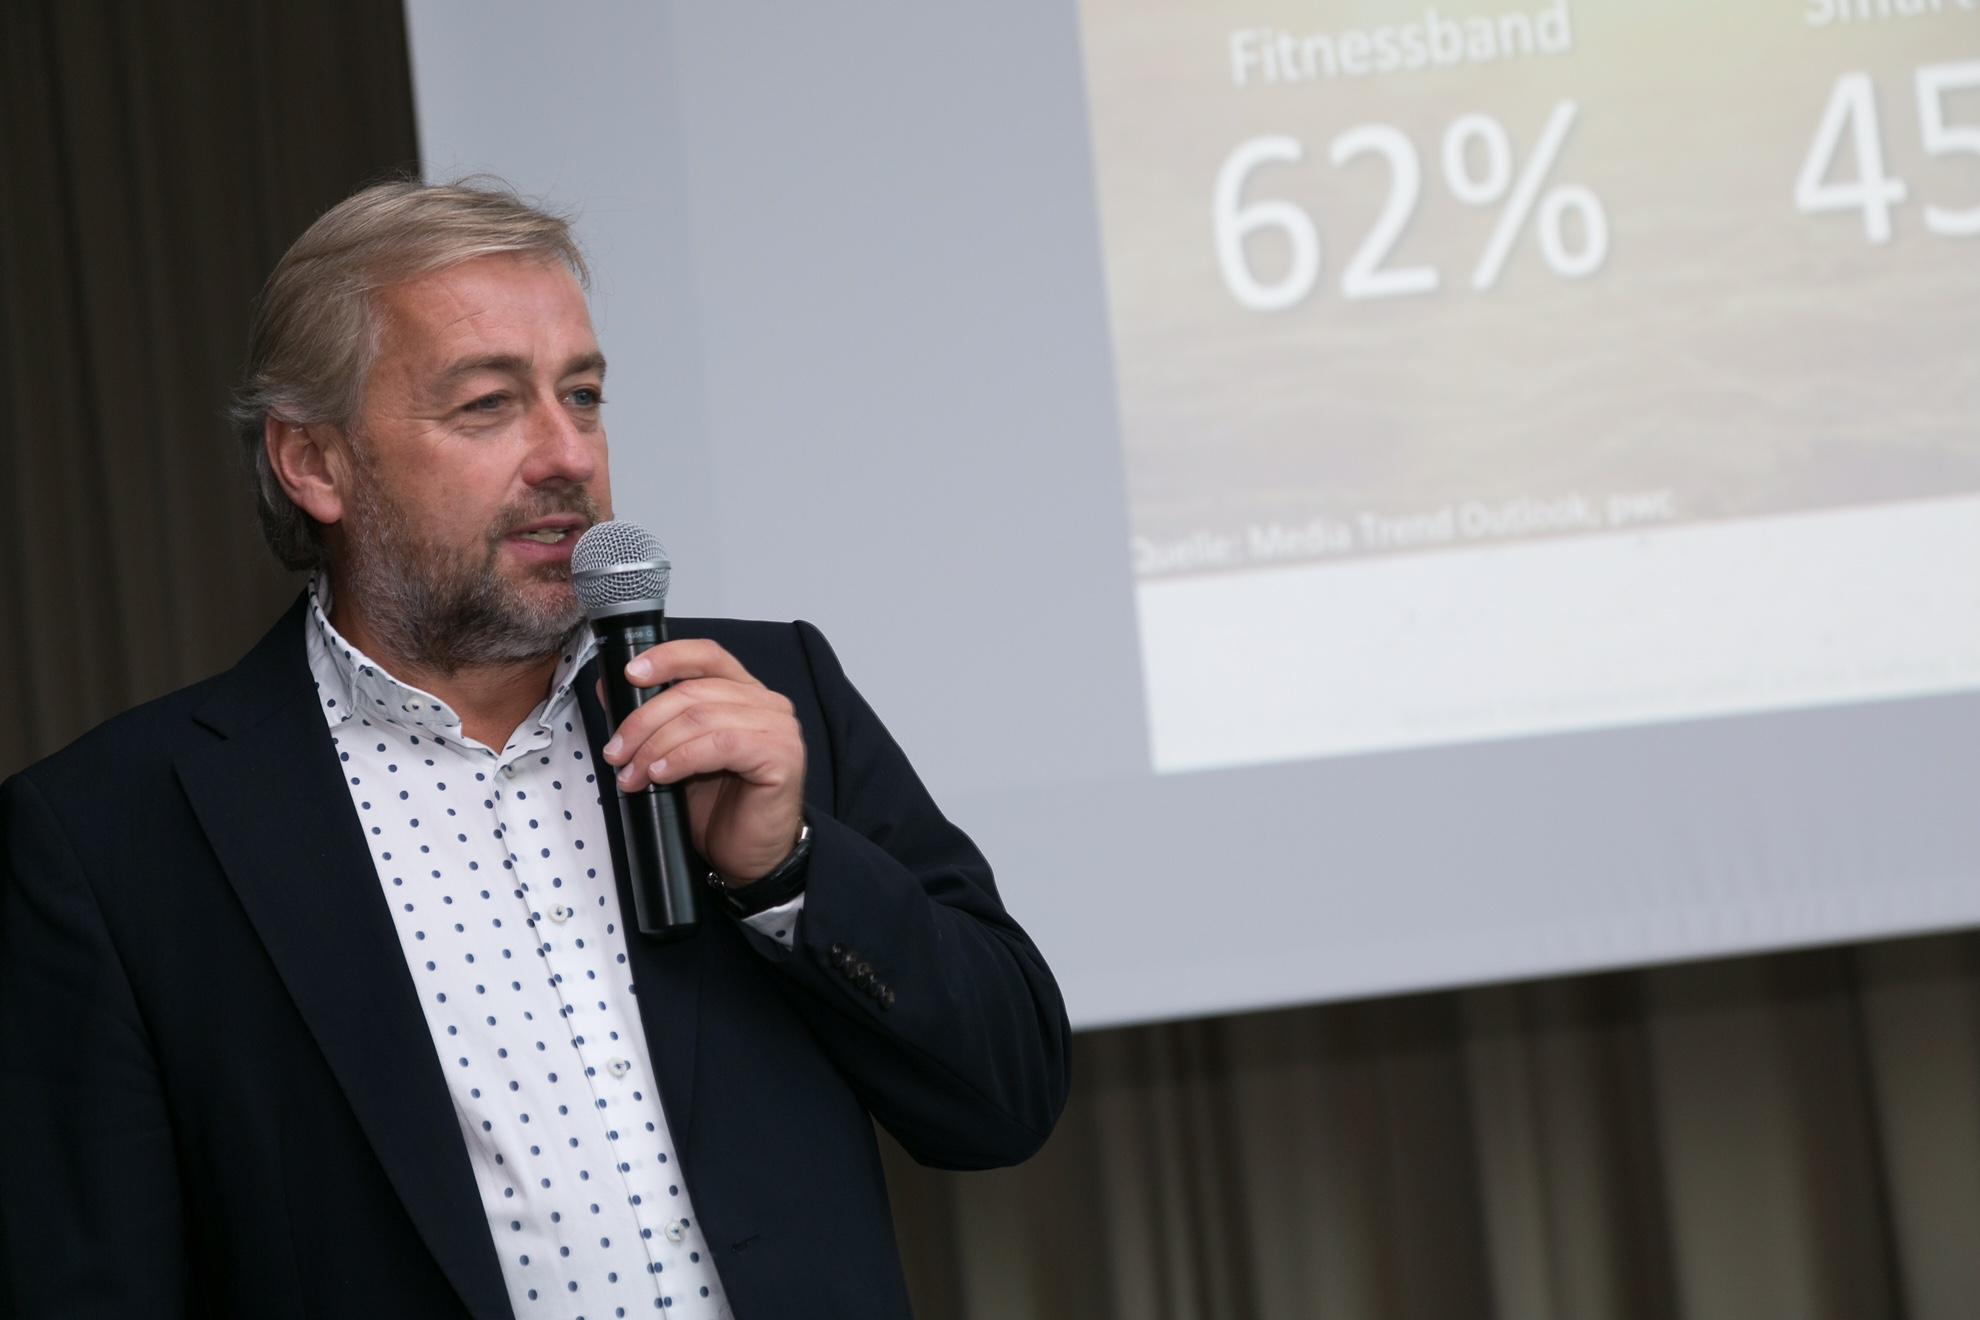 Dr. Peter Winkler brachte bei der Fachveranstaltung der Versicherungsmakler neue Perspektiven für die Branche.  Fotocredit: Robert Frankl